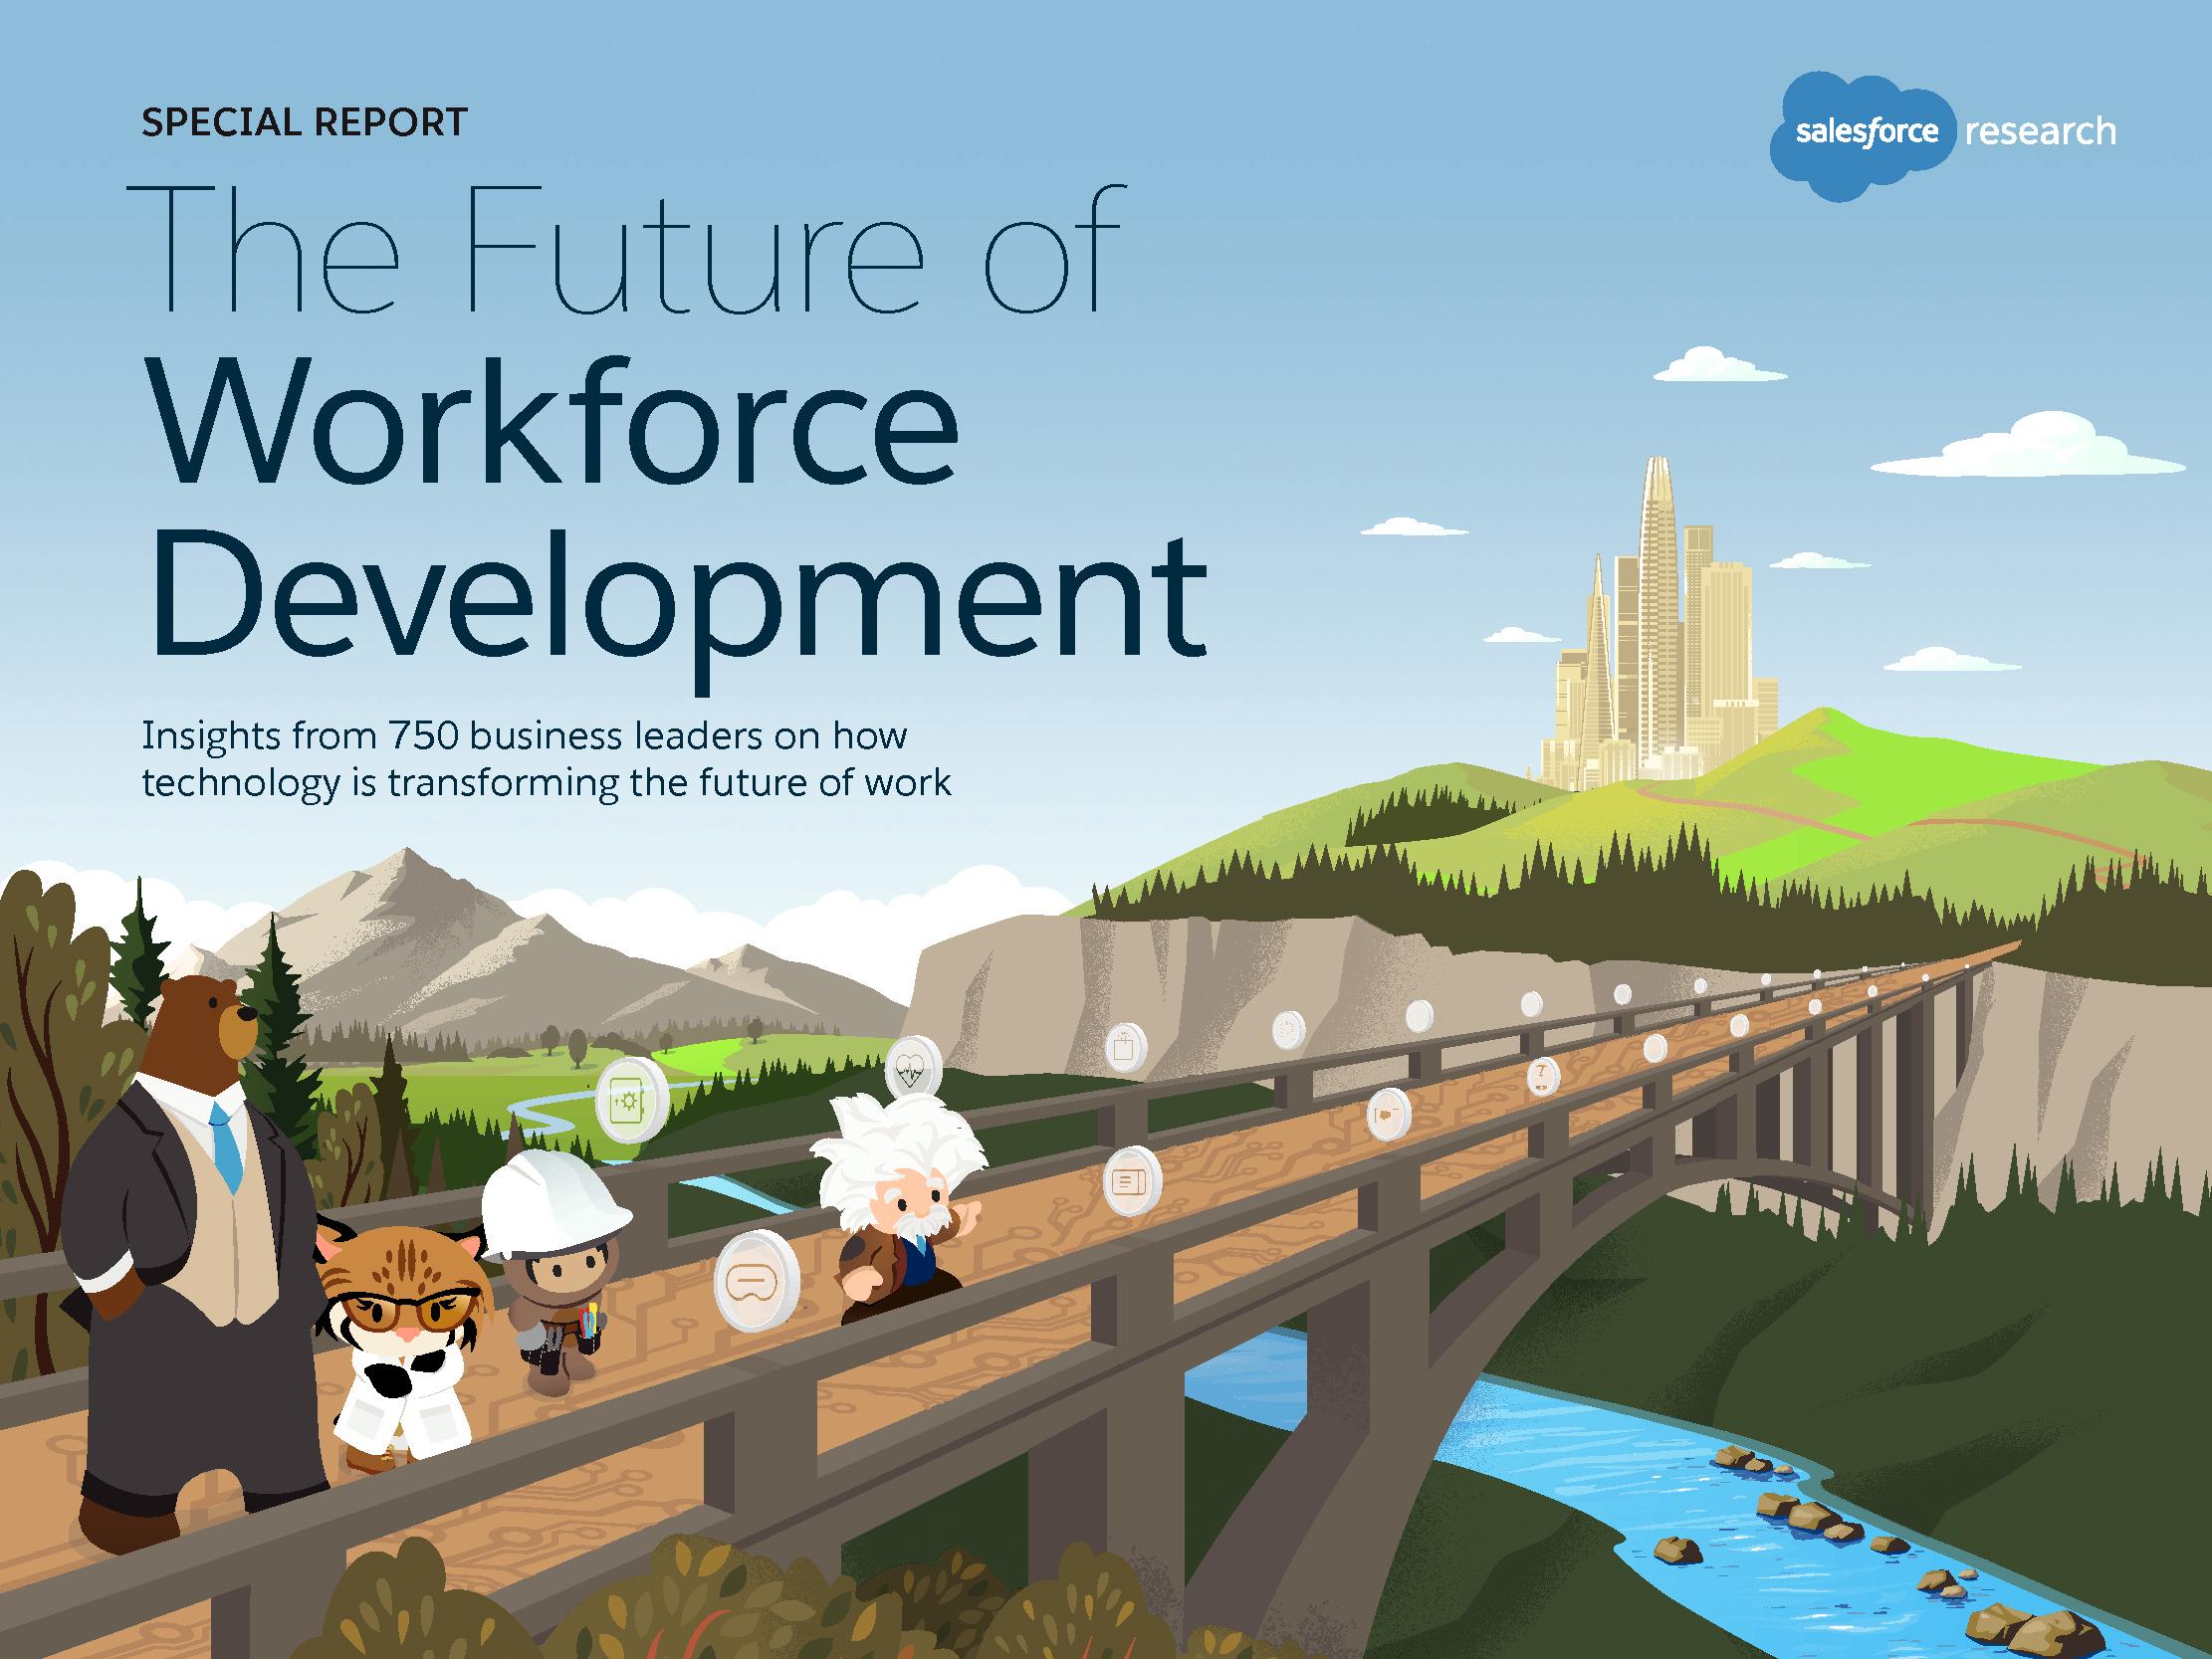 GOV - Salesforce - Client Supplied - 190726 - The Future of Workforce Developme